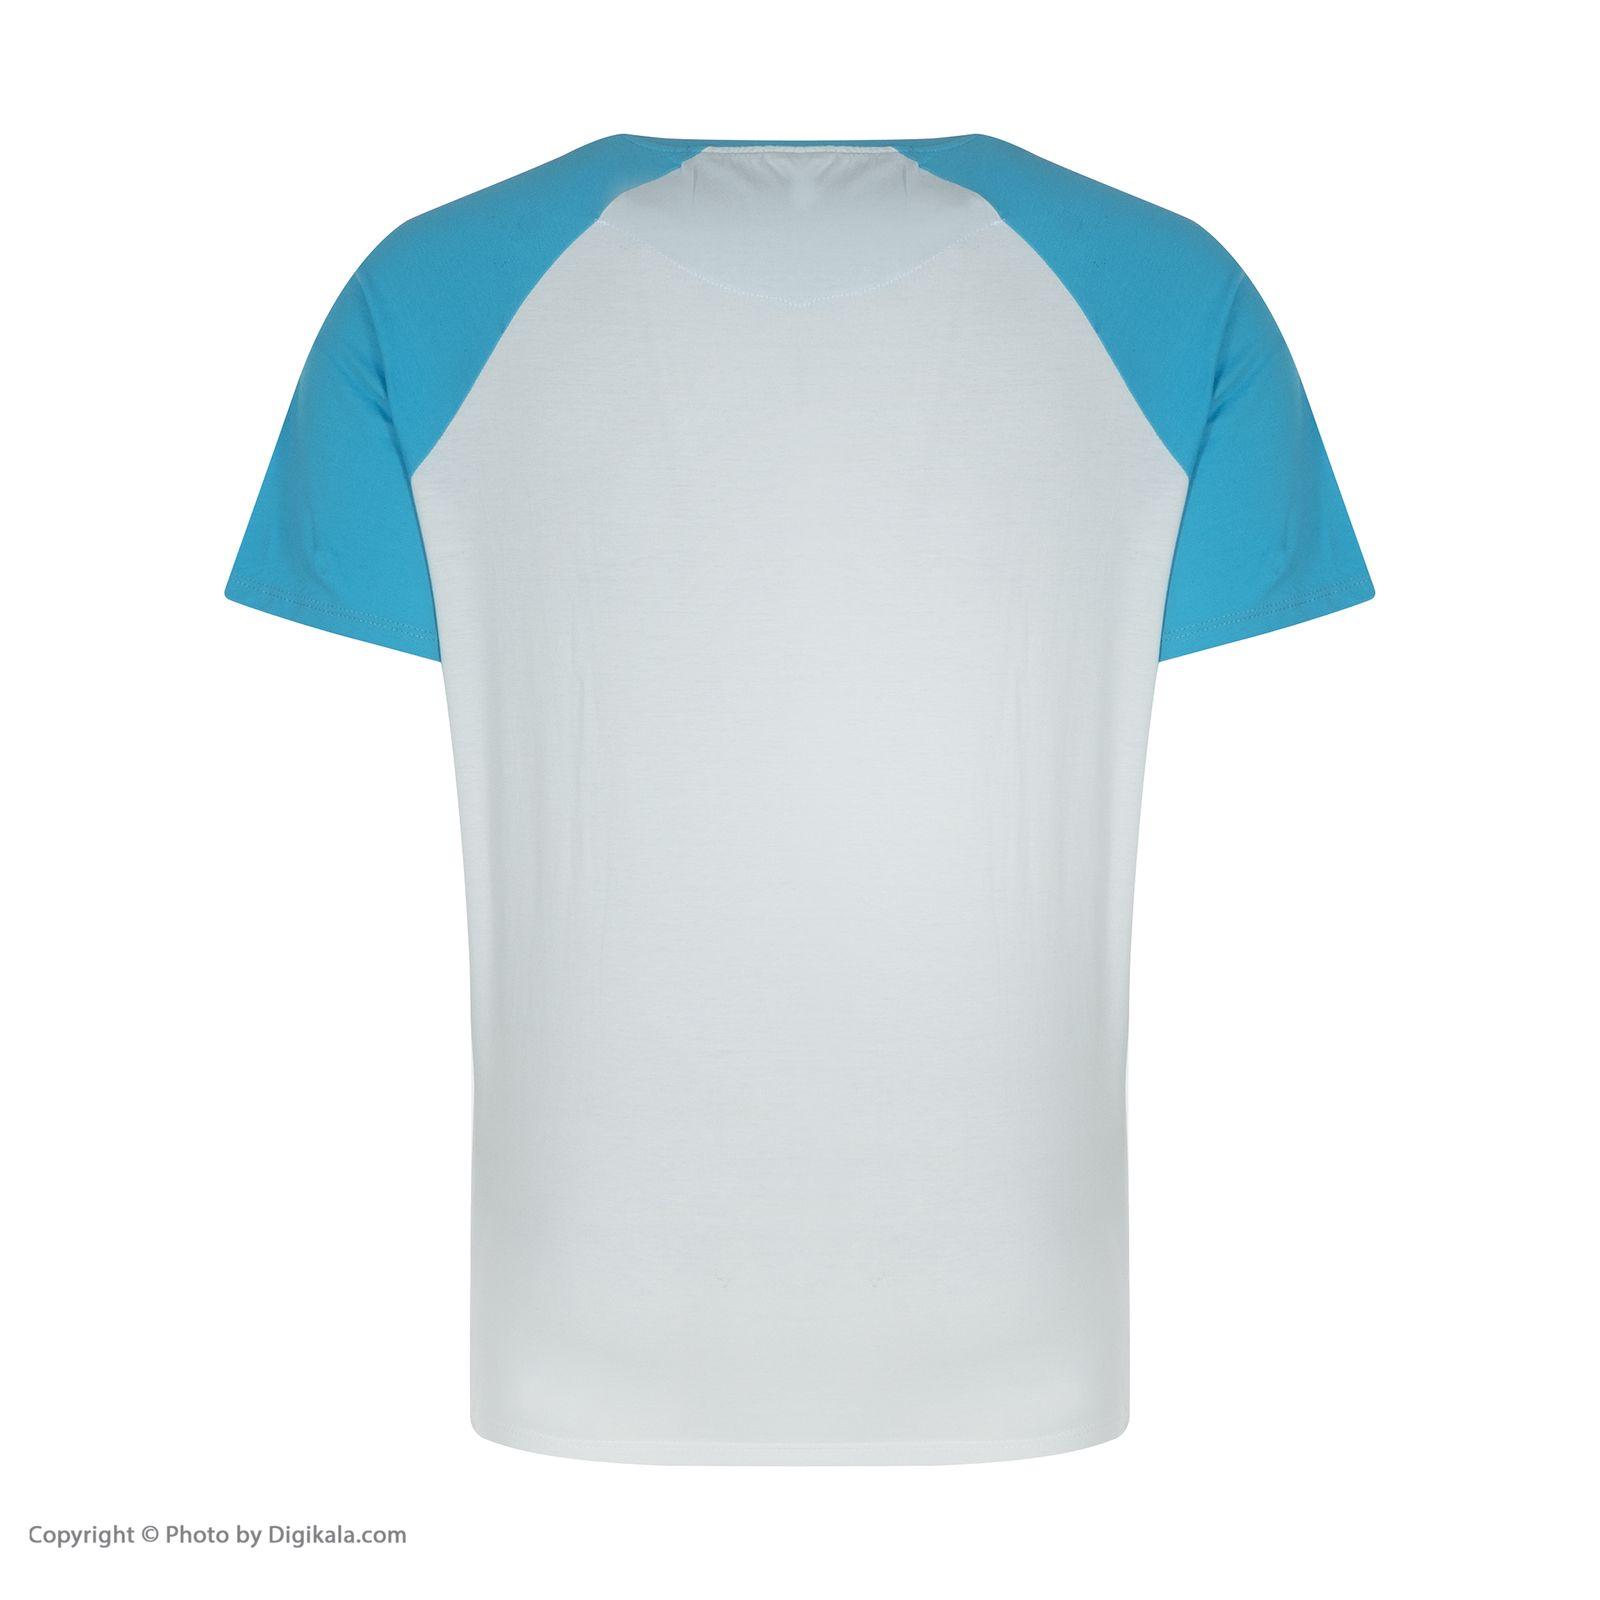 ست تی شرت و شلوارک راحتی مردانه مادر مدل 2041107-52 -  - 6